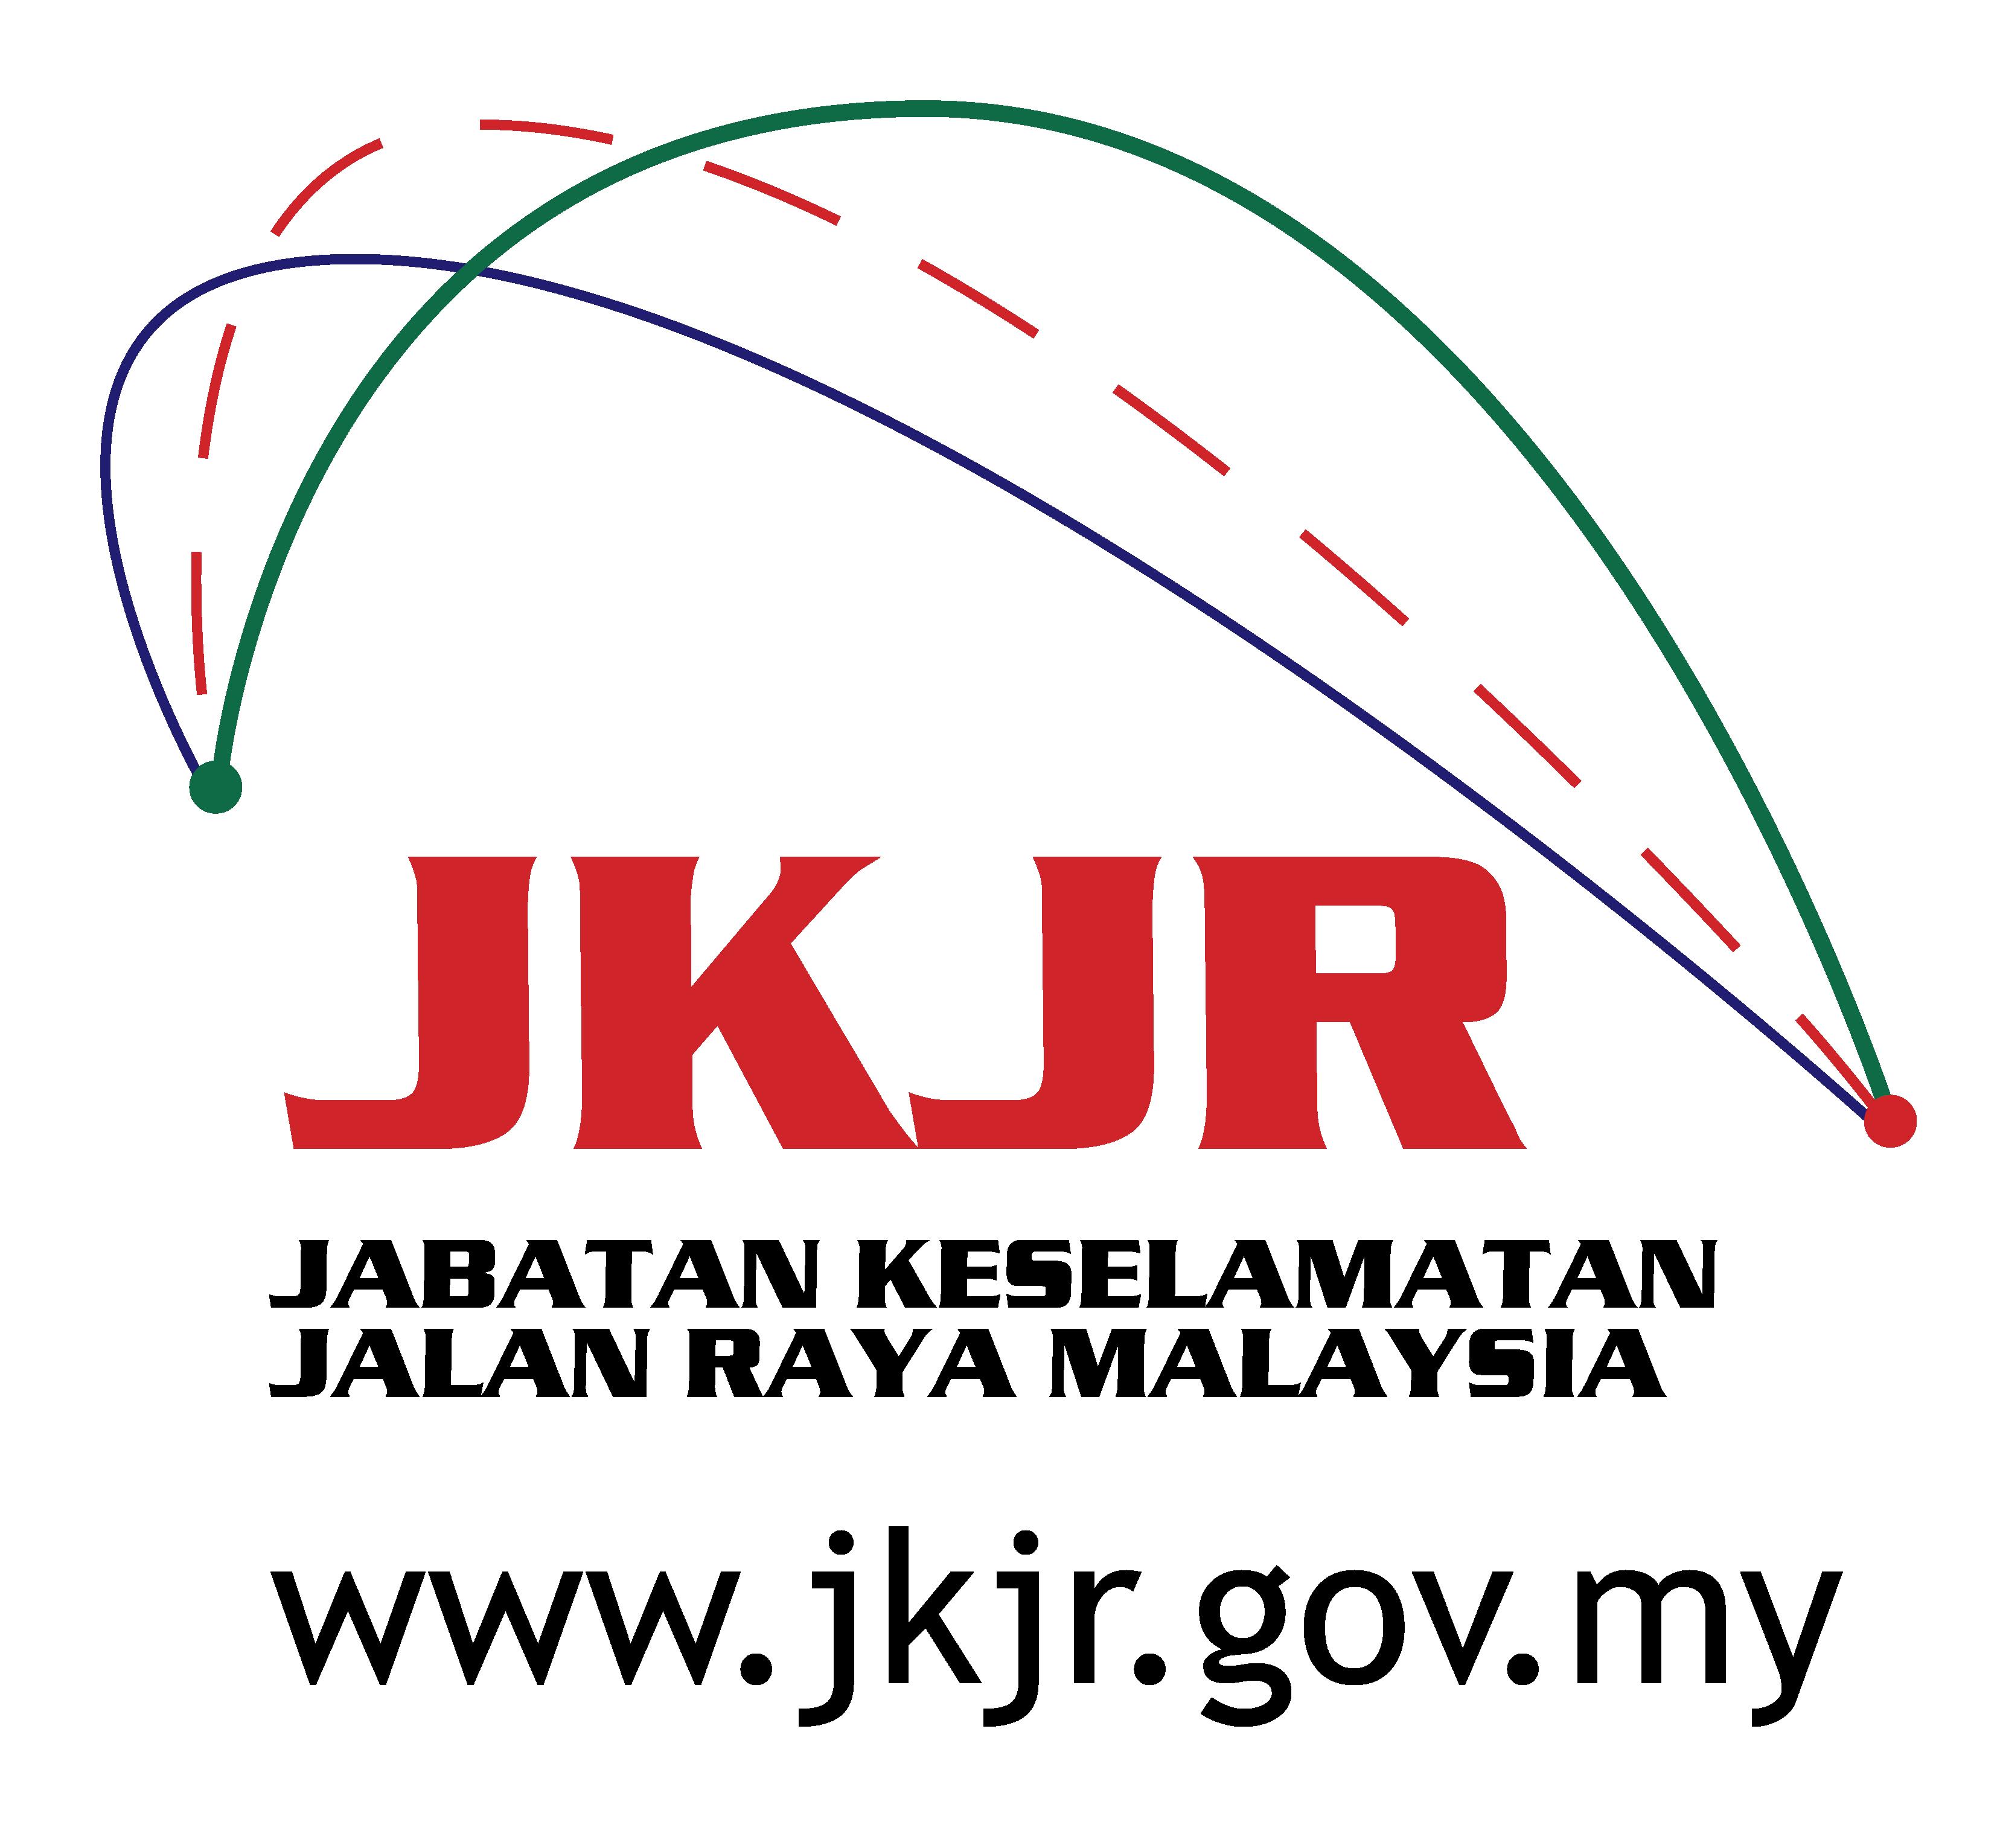 Logo JKJR